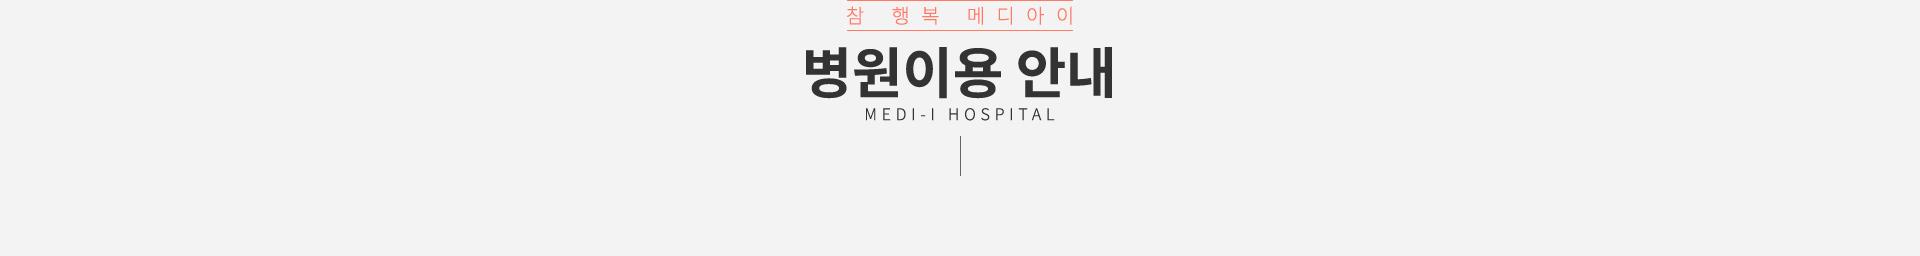 병원이용안내